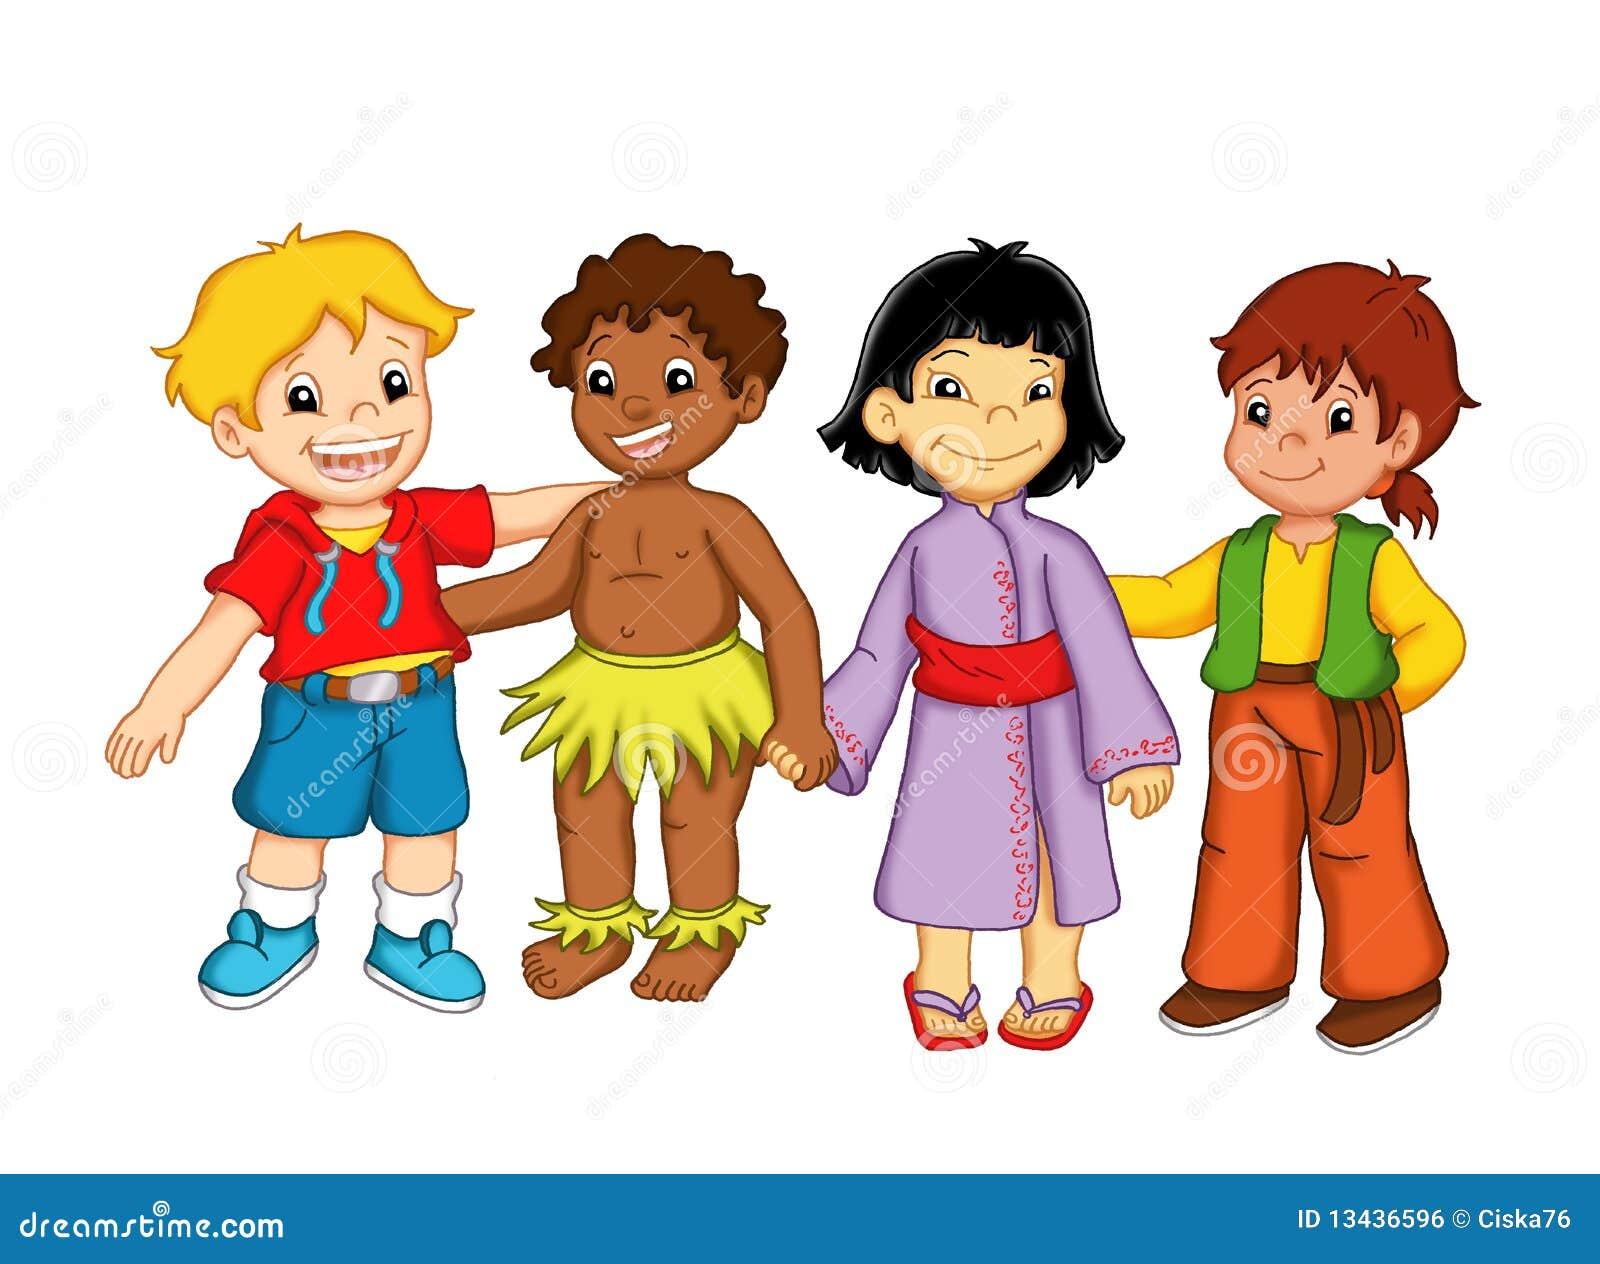 Muñecos Hechos De Papel Muestran Diversidad De Ecuador: Niños Y Diversidad Imagen De Archivo Libre De Regalías